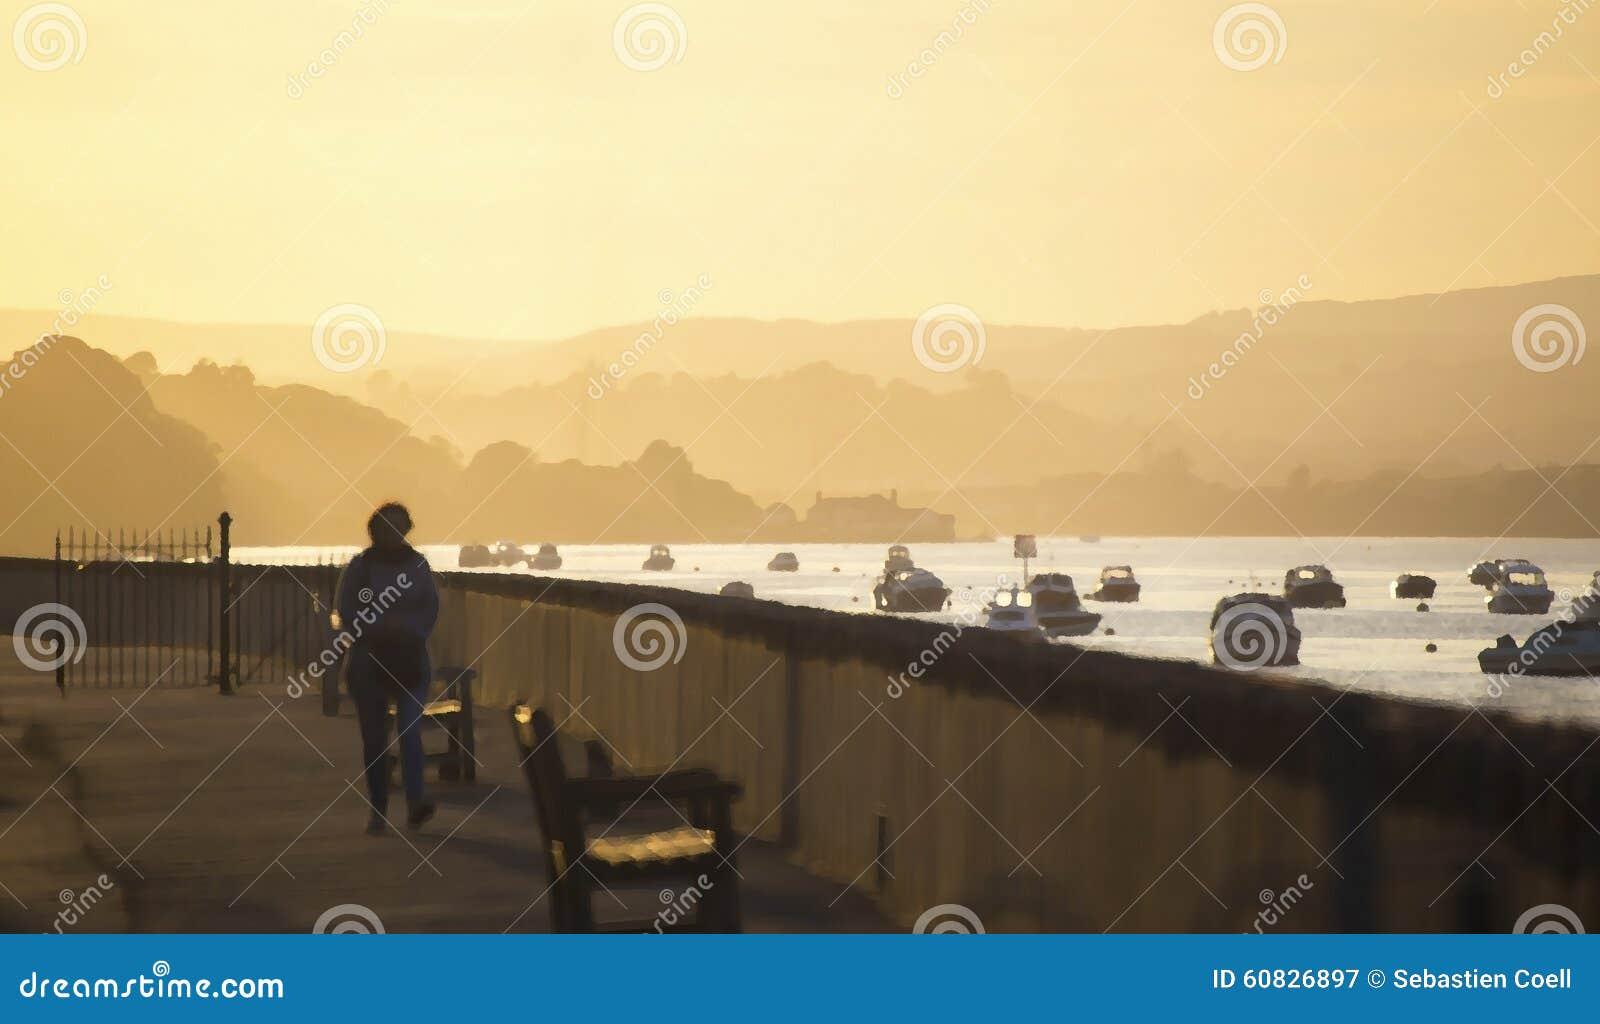 Trayectoria de la puesta del sol